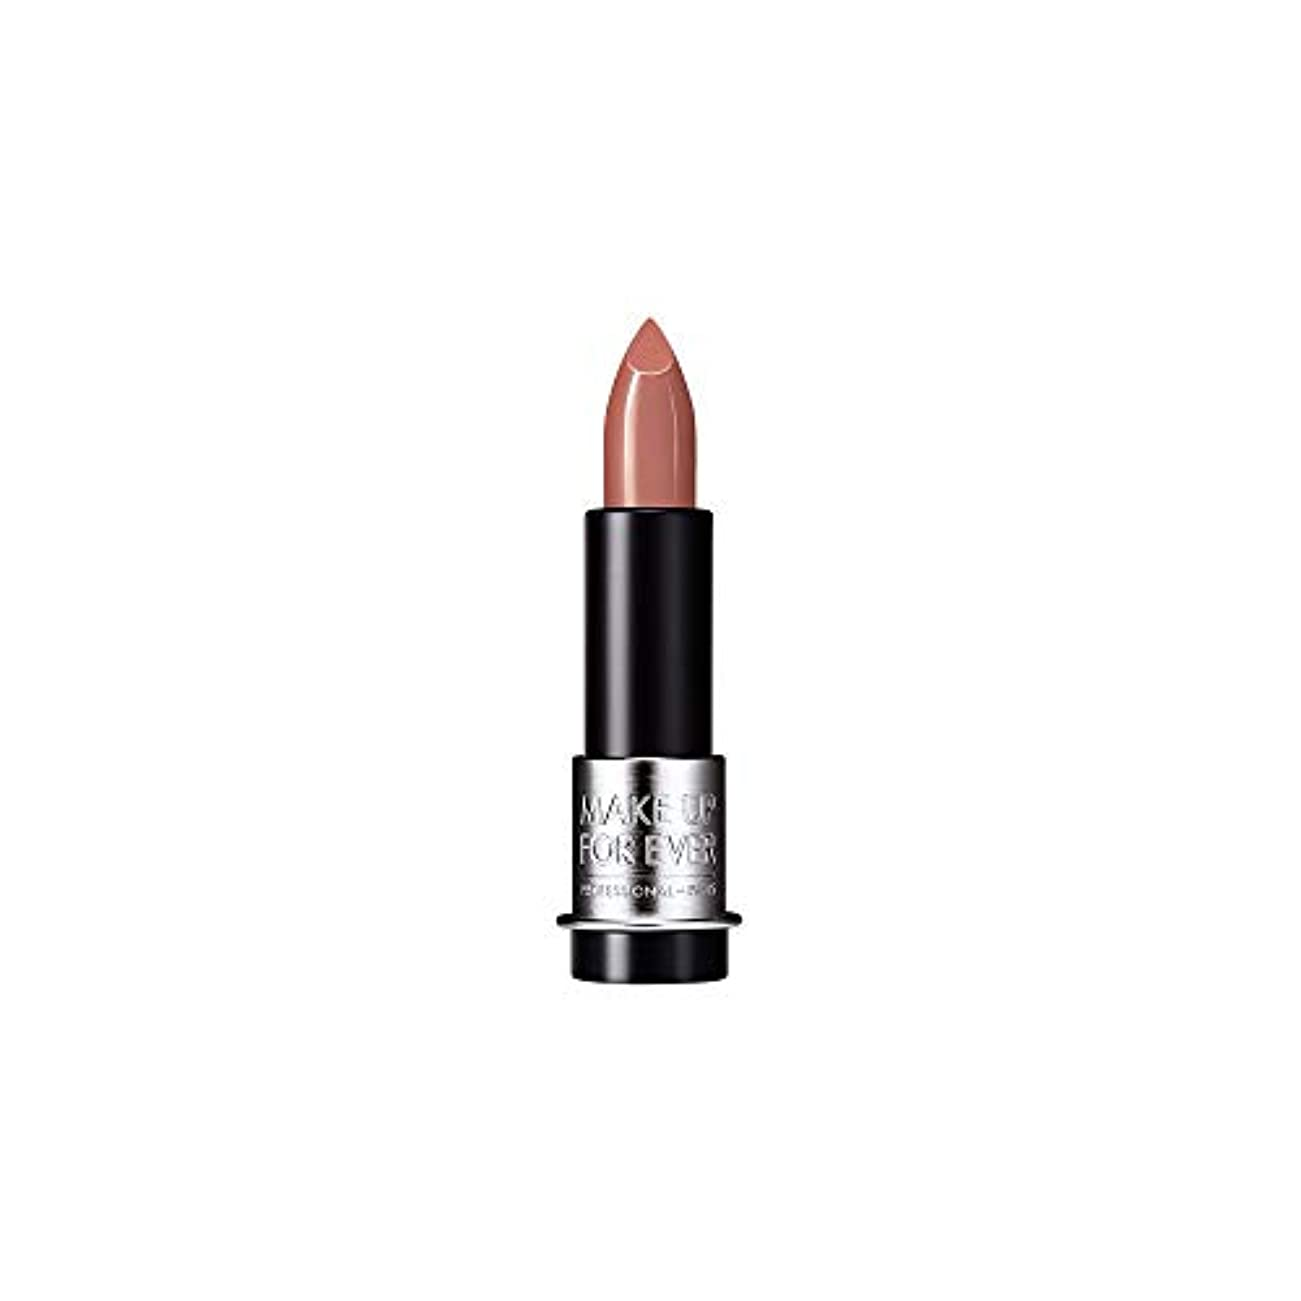 祖母アプローチ資格[MAKE UP FOR EVER] モカベージュ - これまでアーティストルージュクリーム口紅3.5グラムのC107を補います - MAKE UP FOR EVER Artist Rouge Creme Lipstick...